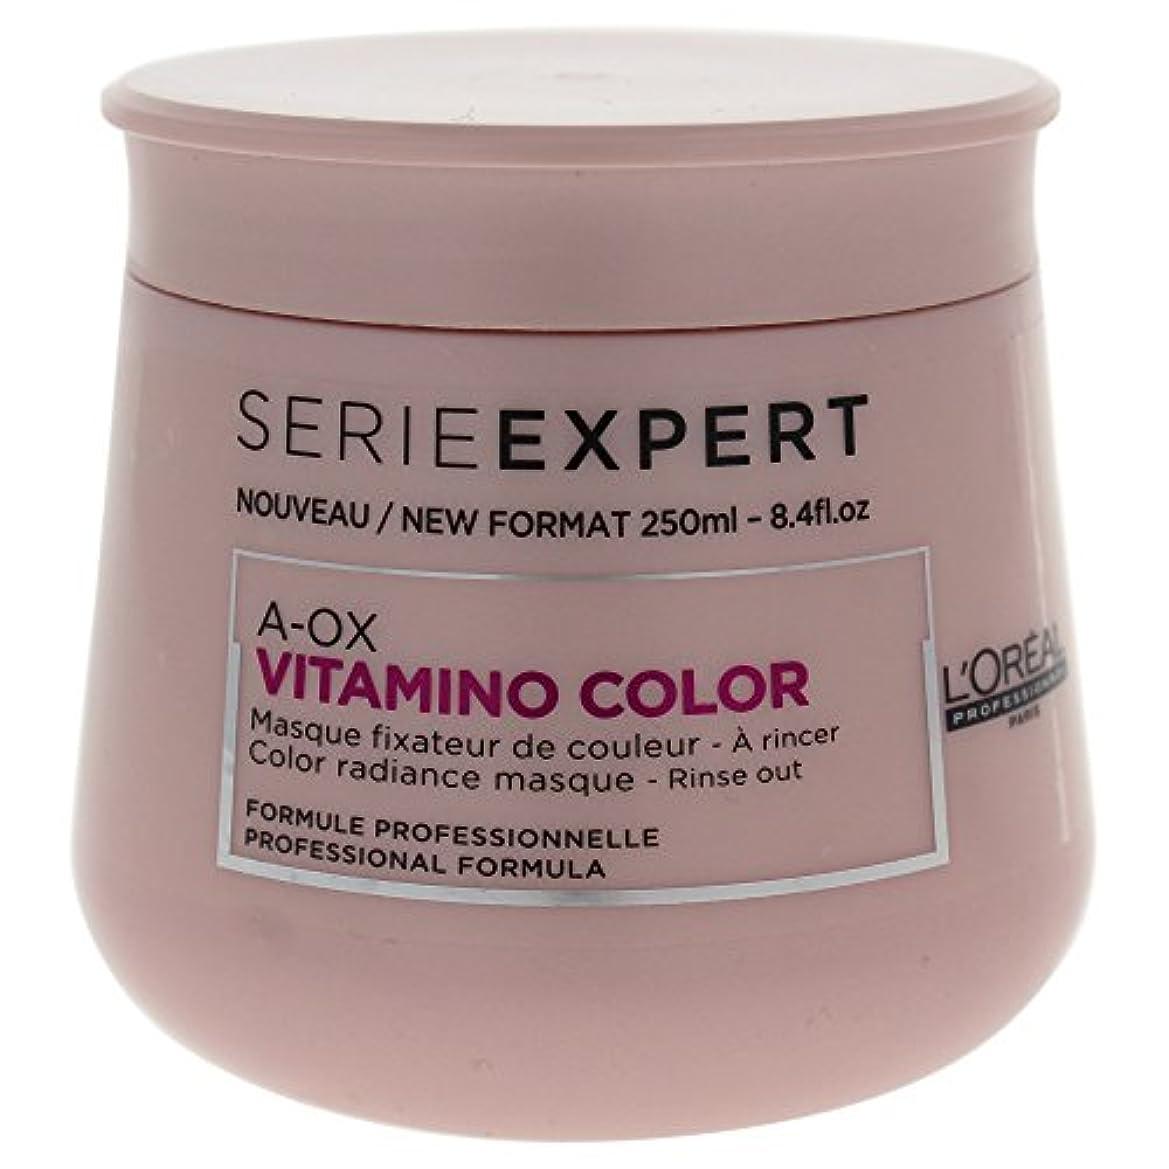 ヘルパー印象的なターミナルL'Oreal Serie Expert A-OX VITAMINO COLOR Color Radiance Masque 250 ml [並行輸入品]